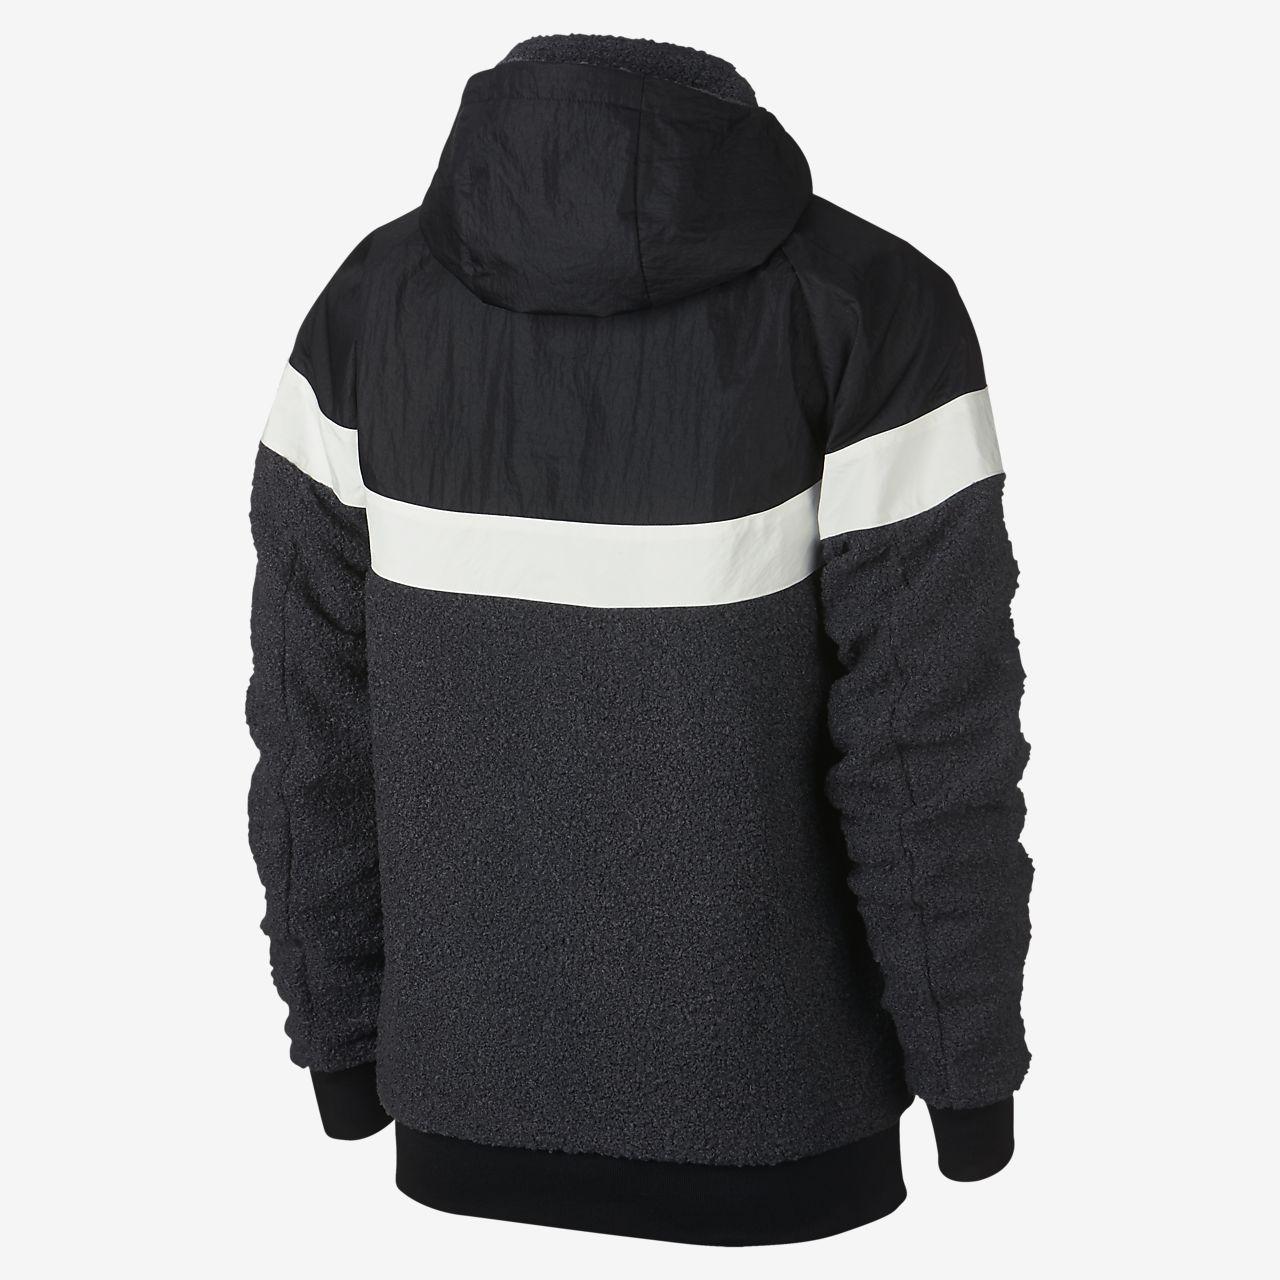 ebe4292b40d1 Nike Sportswear Windrunner Men s Sherpa Jacket. Nike.com